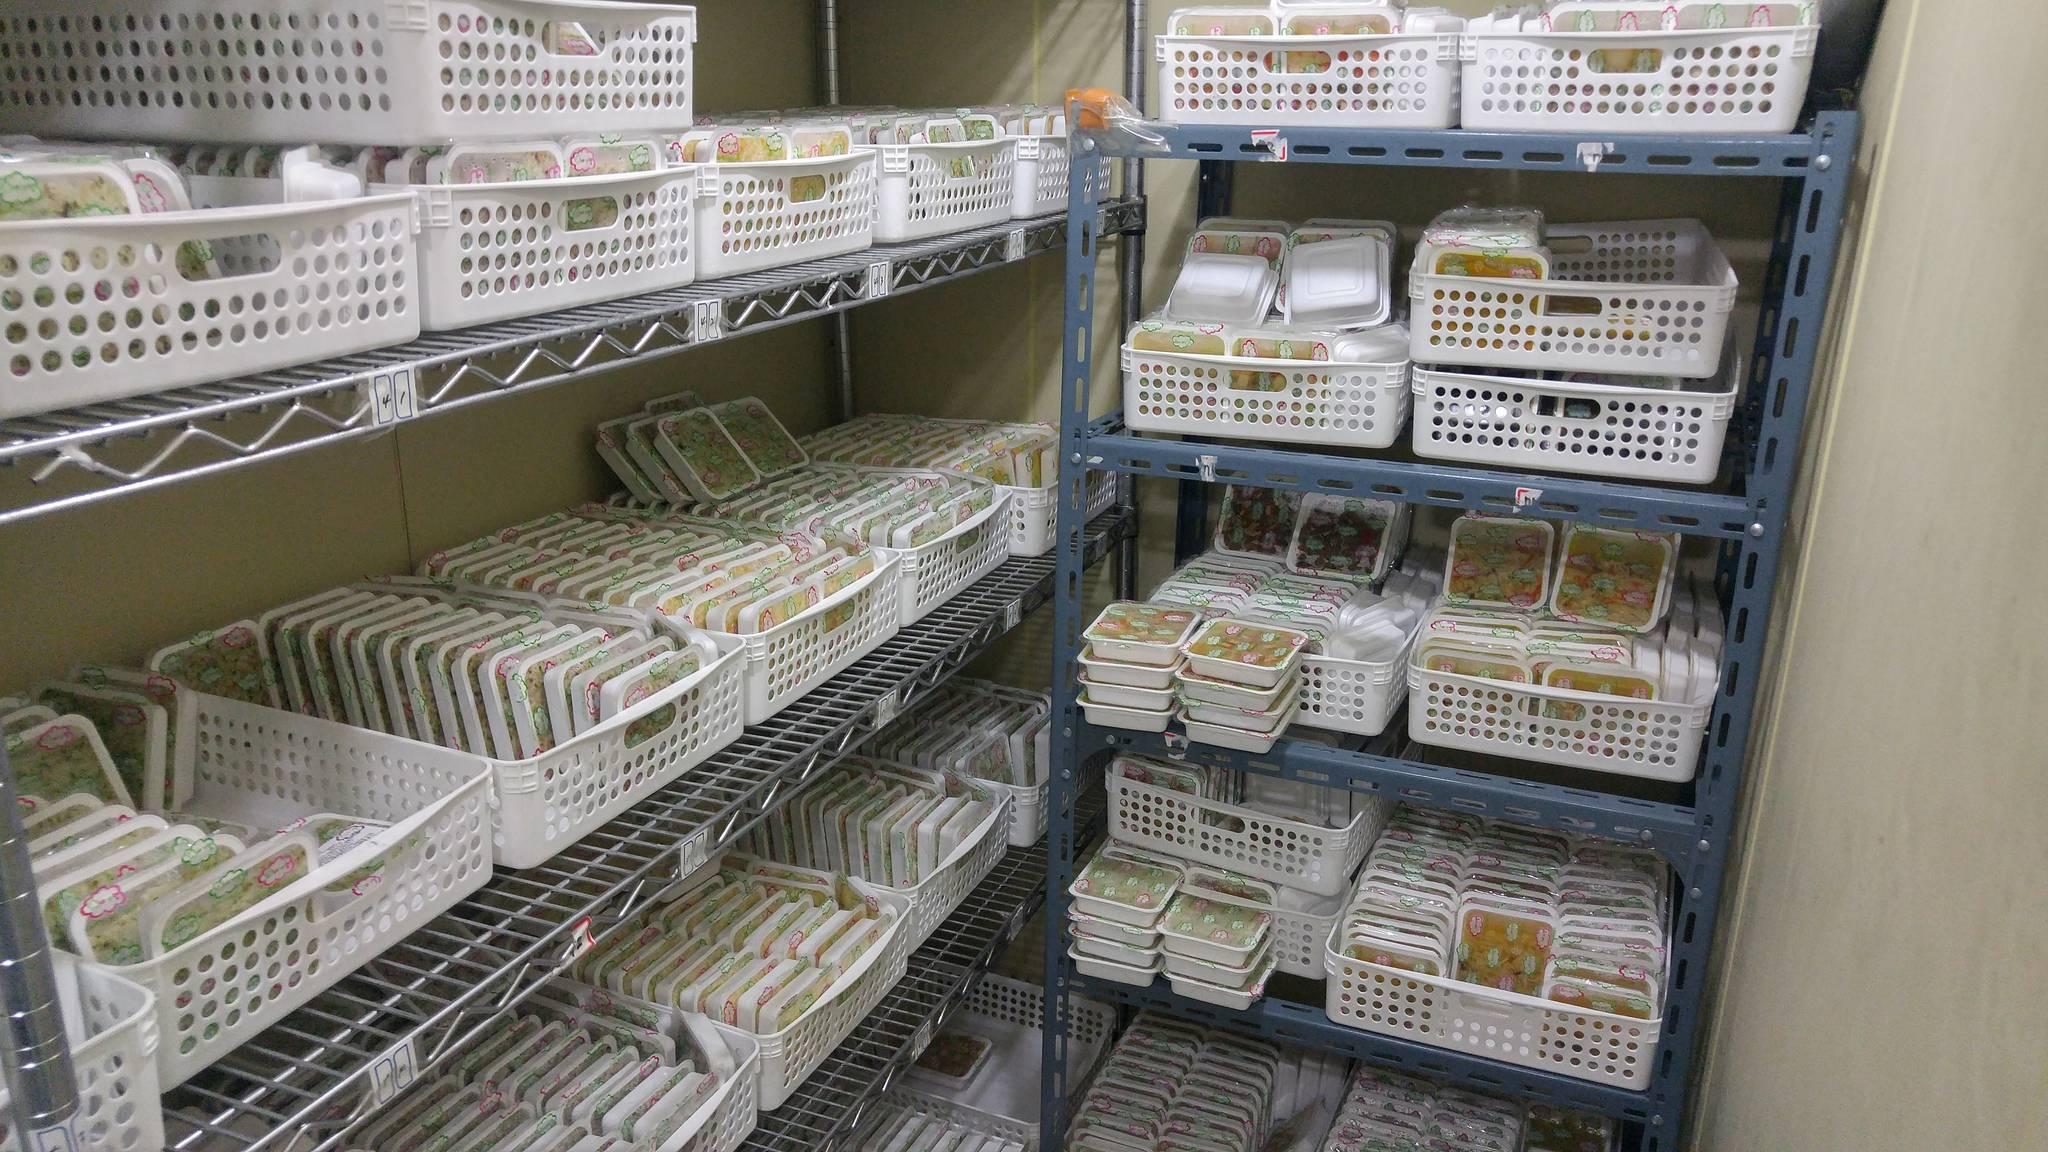 경기 남양주시 한 업체에서 온라인 판매를 목적으로 냉장보관 중인 '무표시 제품'들. 제품명·제조회사·제조일자·유통기한 등이 표시되지 않아 식품위생법 위반에 해당한다.[사진 식품의약품안전처]